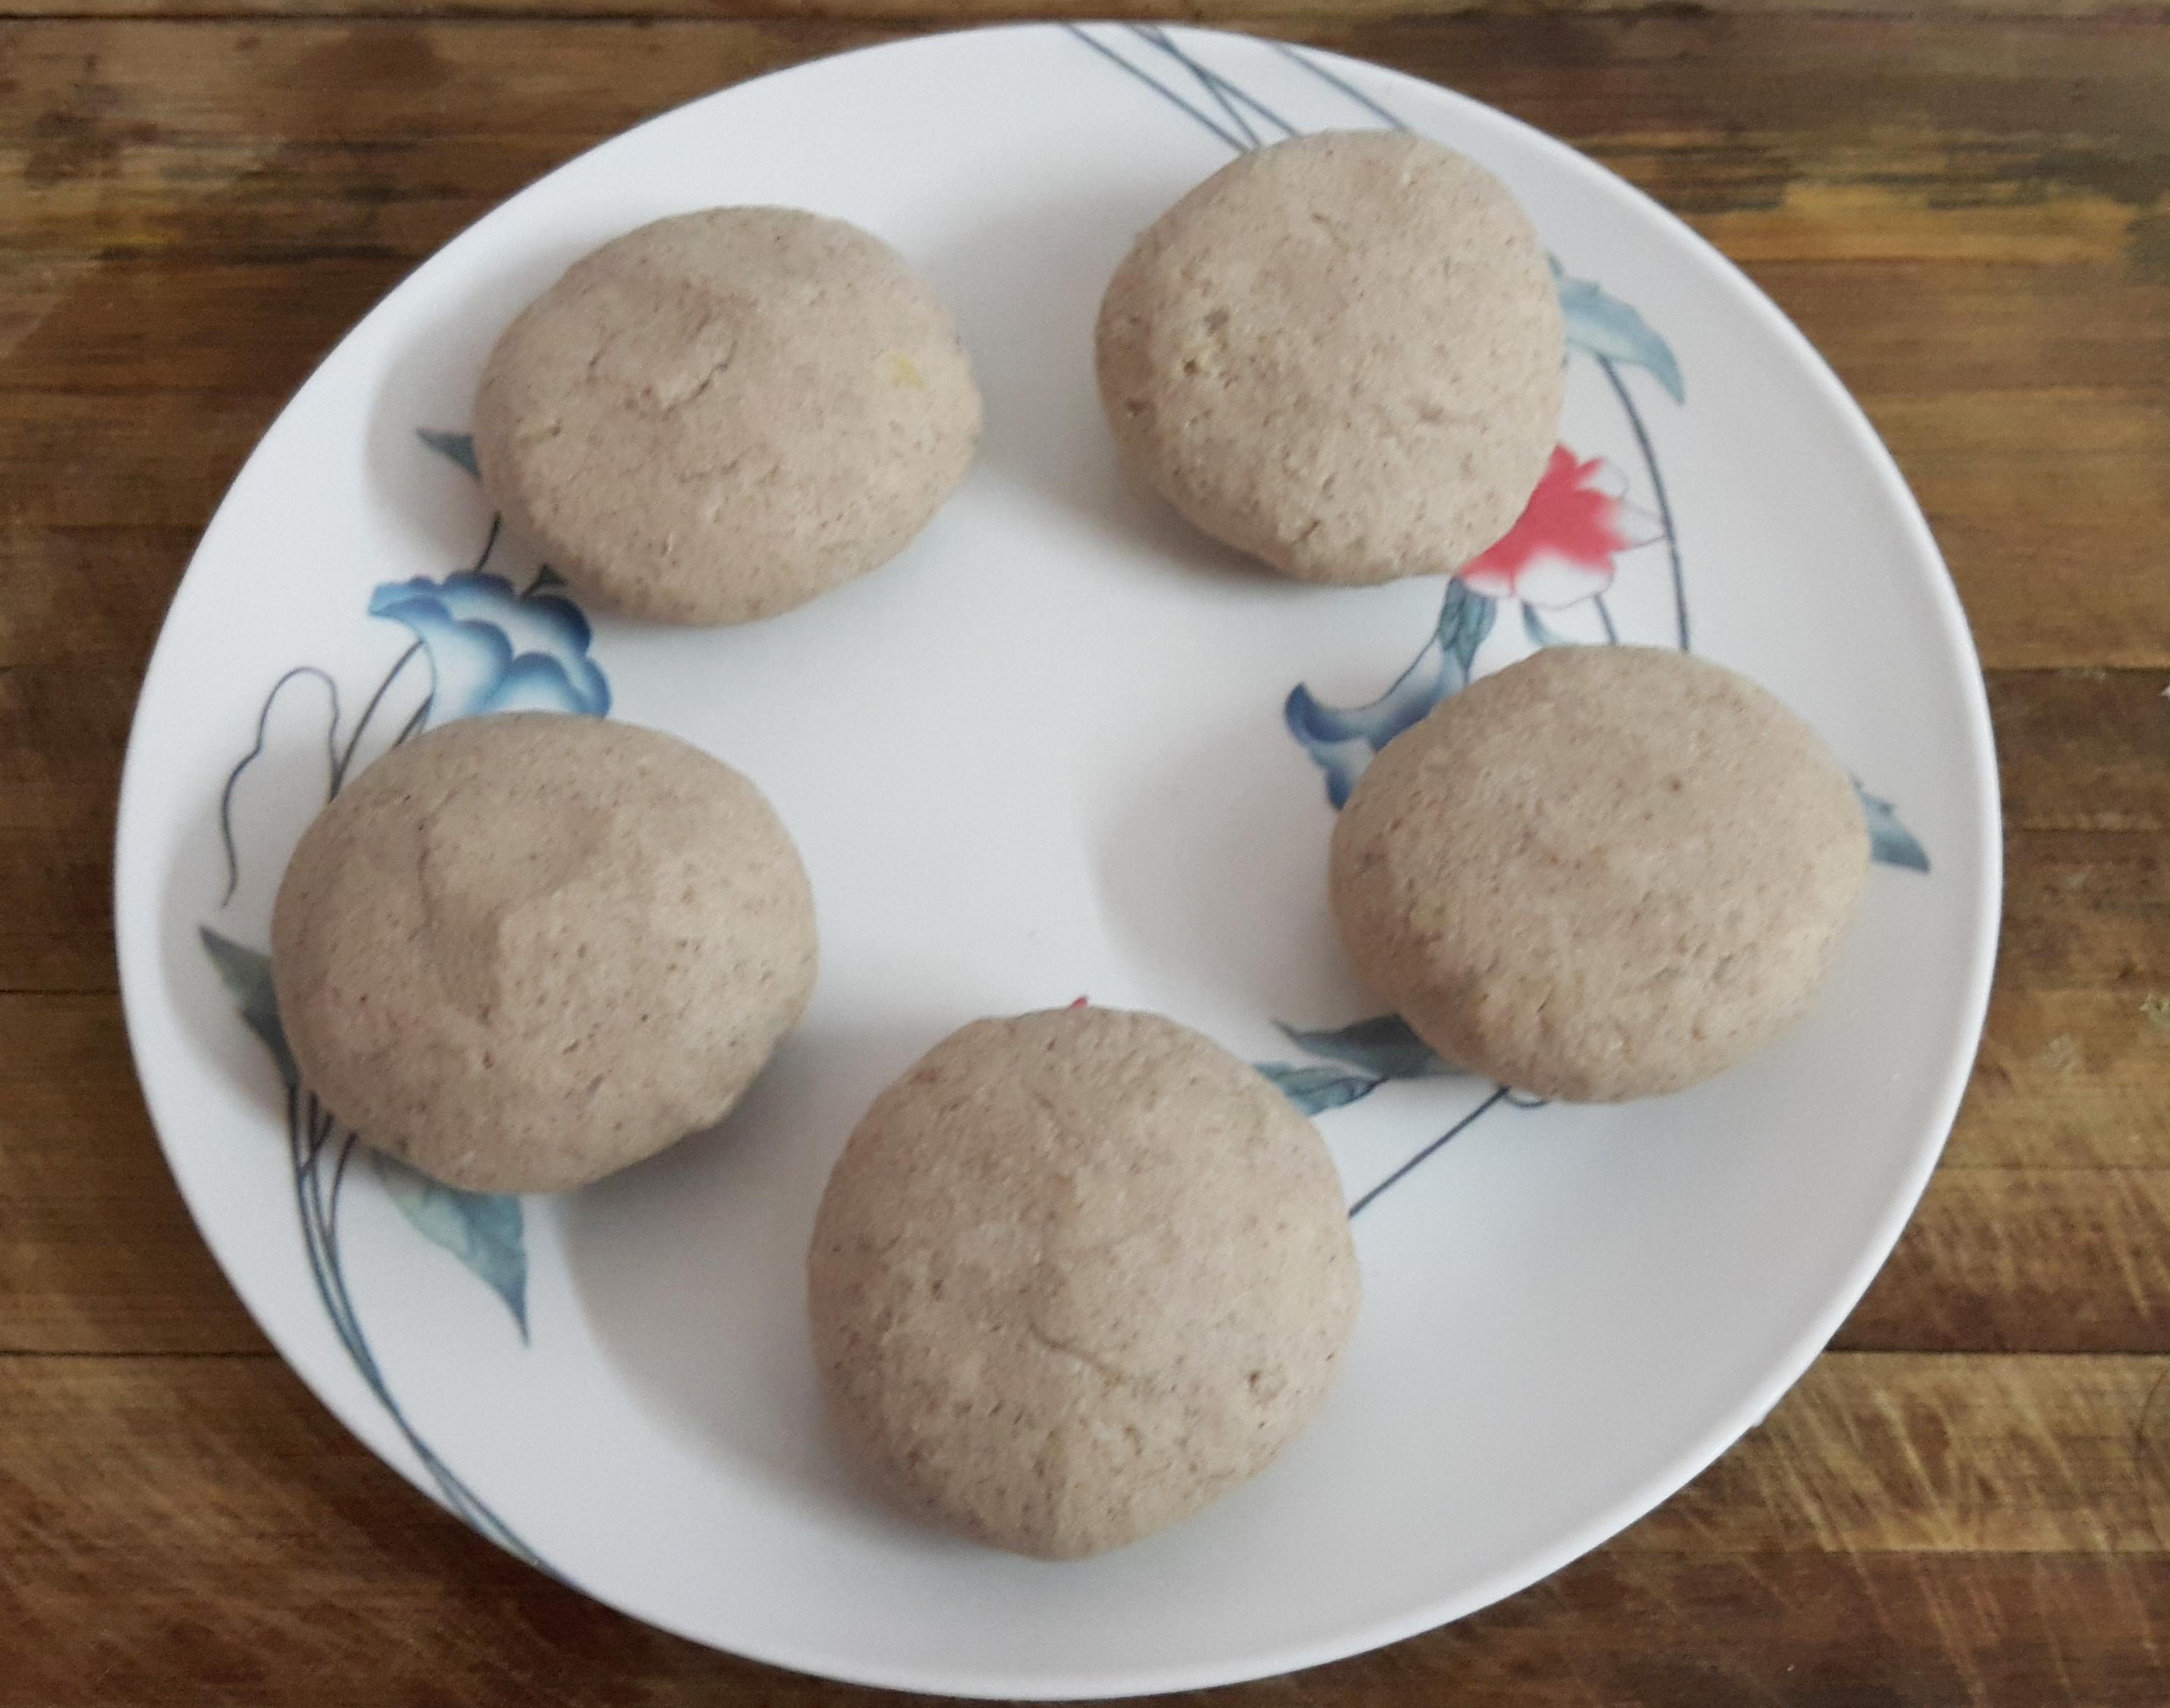 Divide dough into 5-6 parts